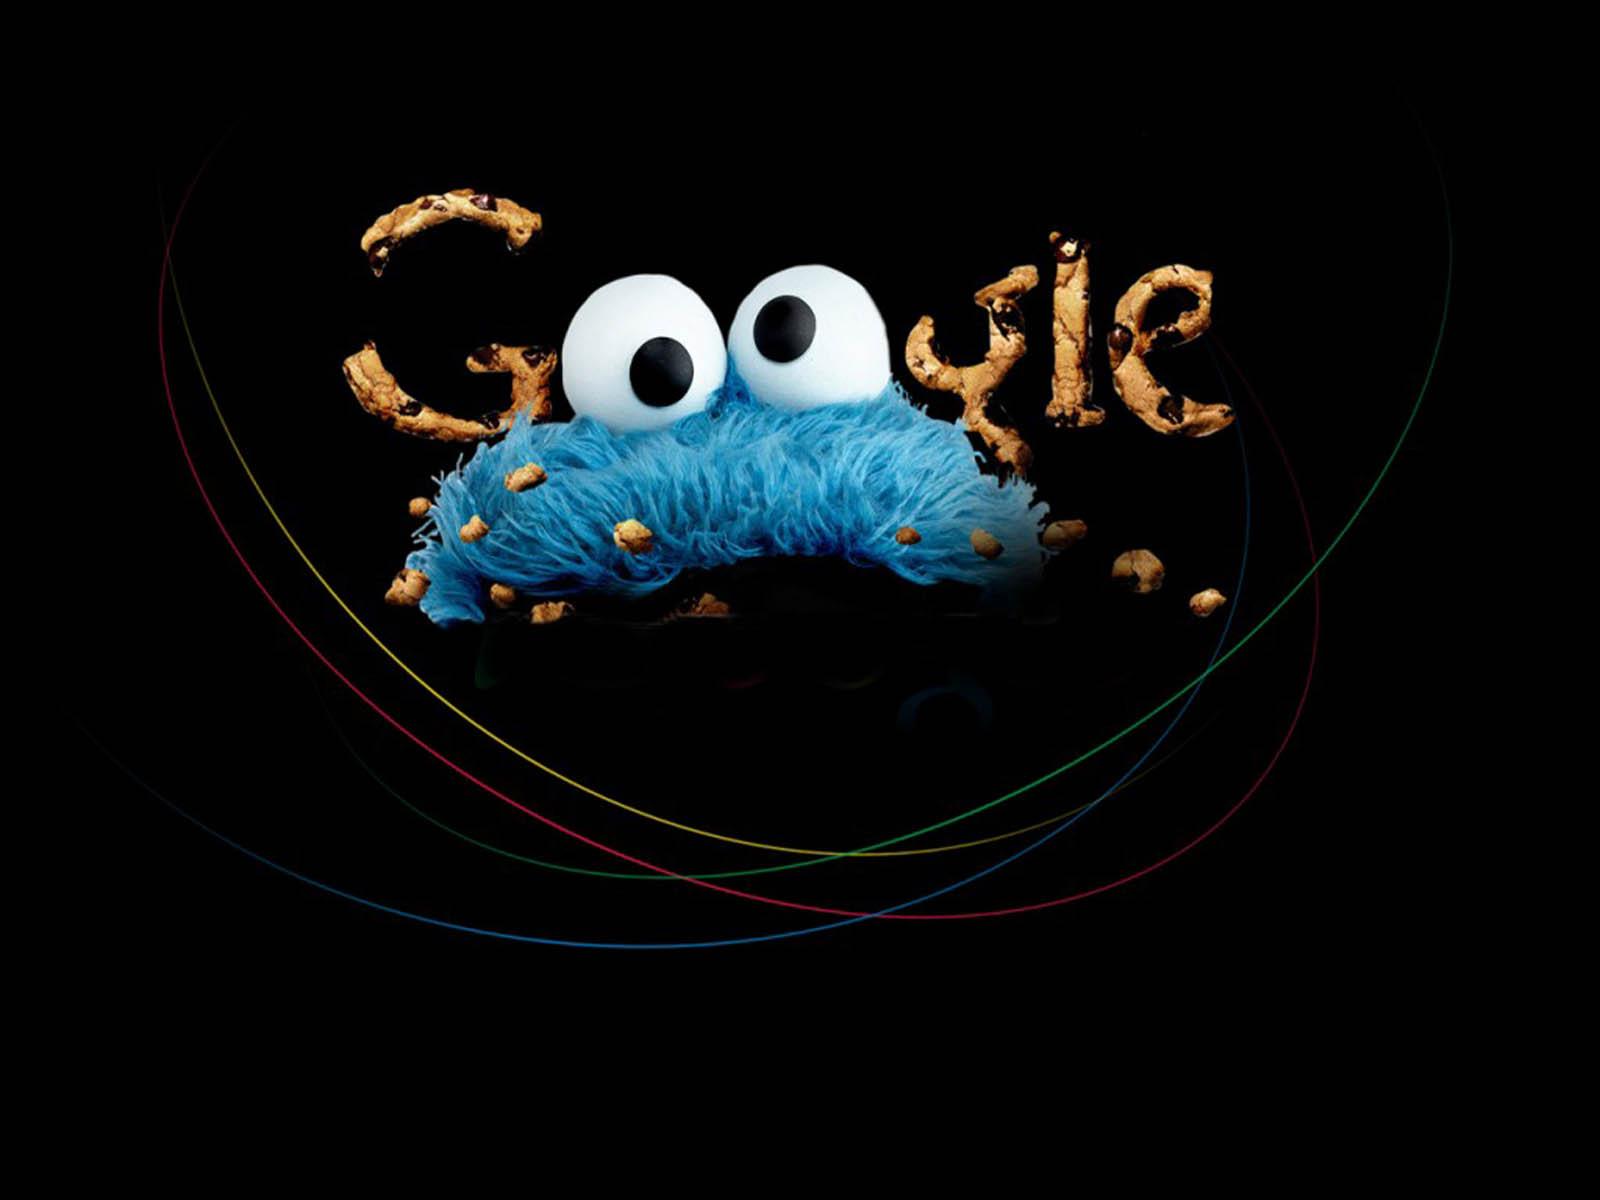 Google Wallpapers Google Desktop Wallpapers Google Desktop 1600x1200